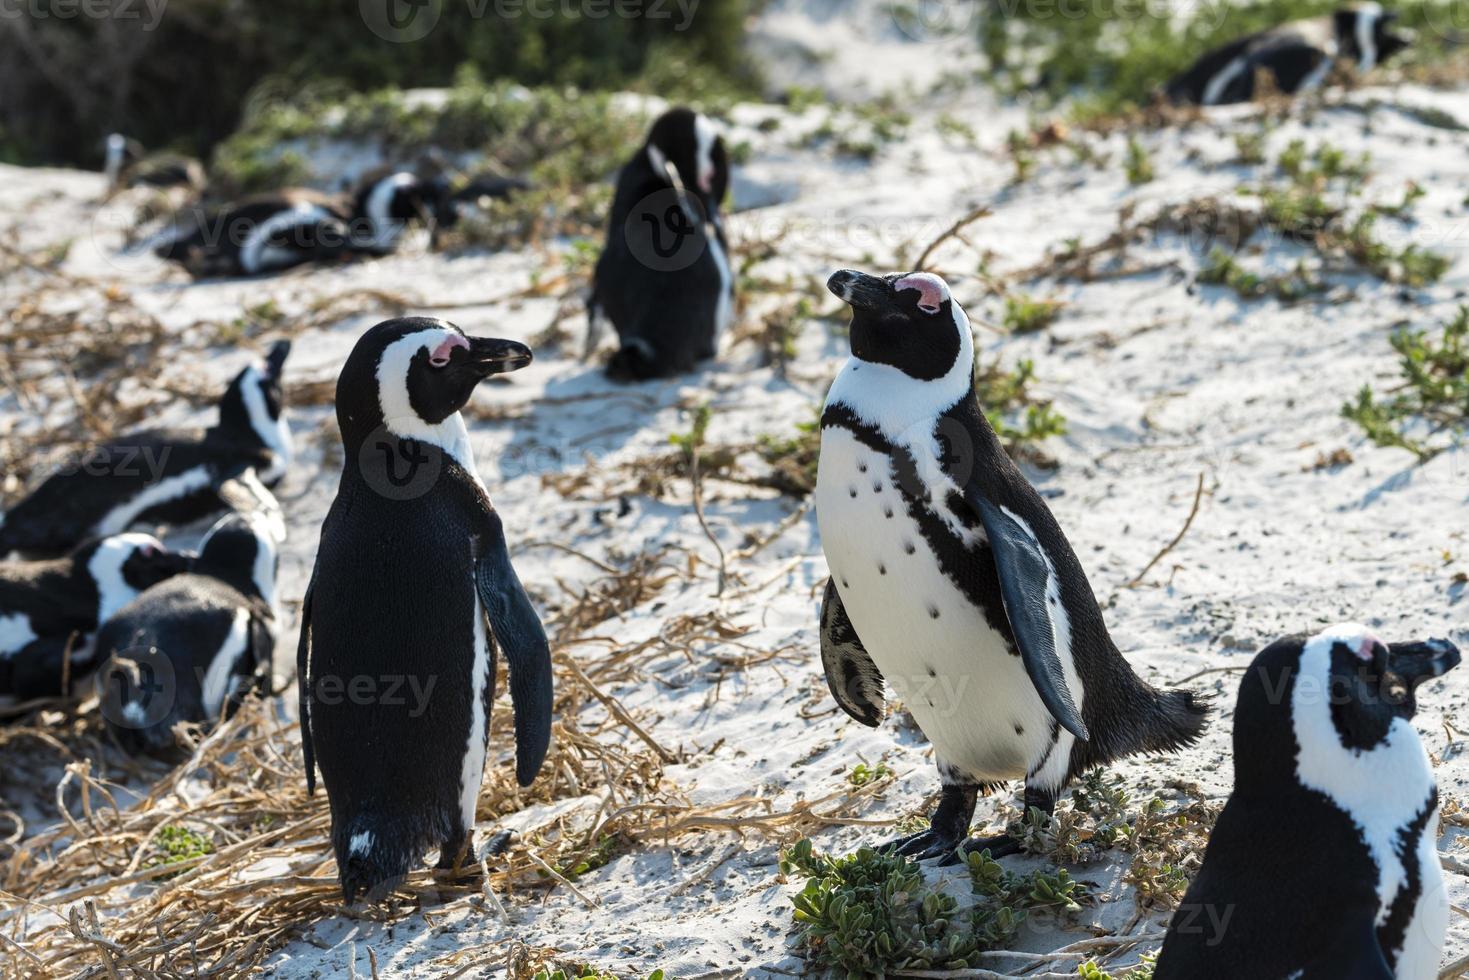 pinguins-burros (spheniscus demersus) foto